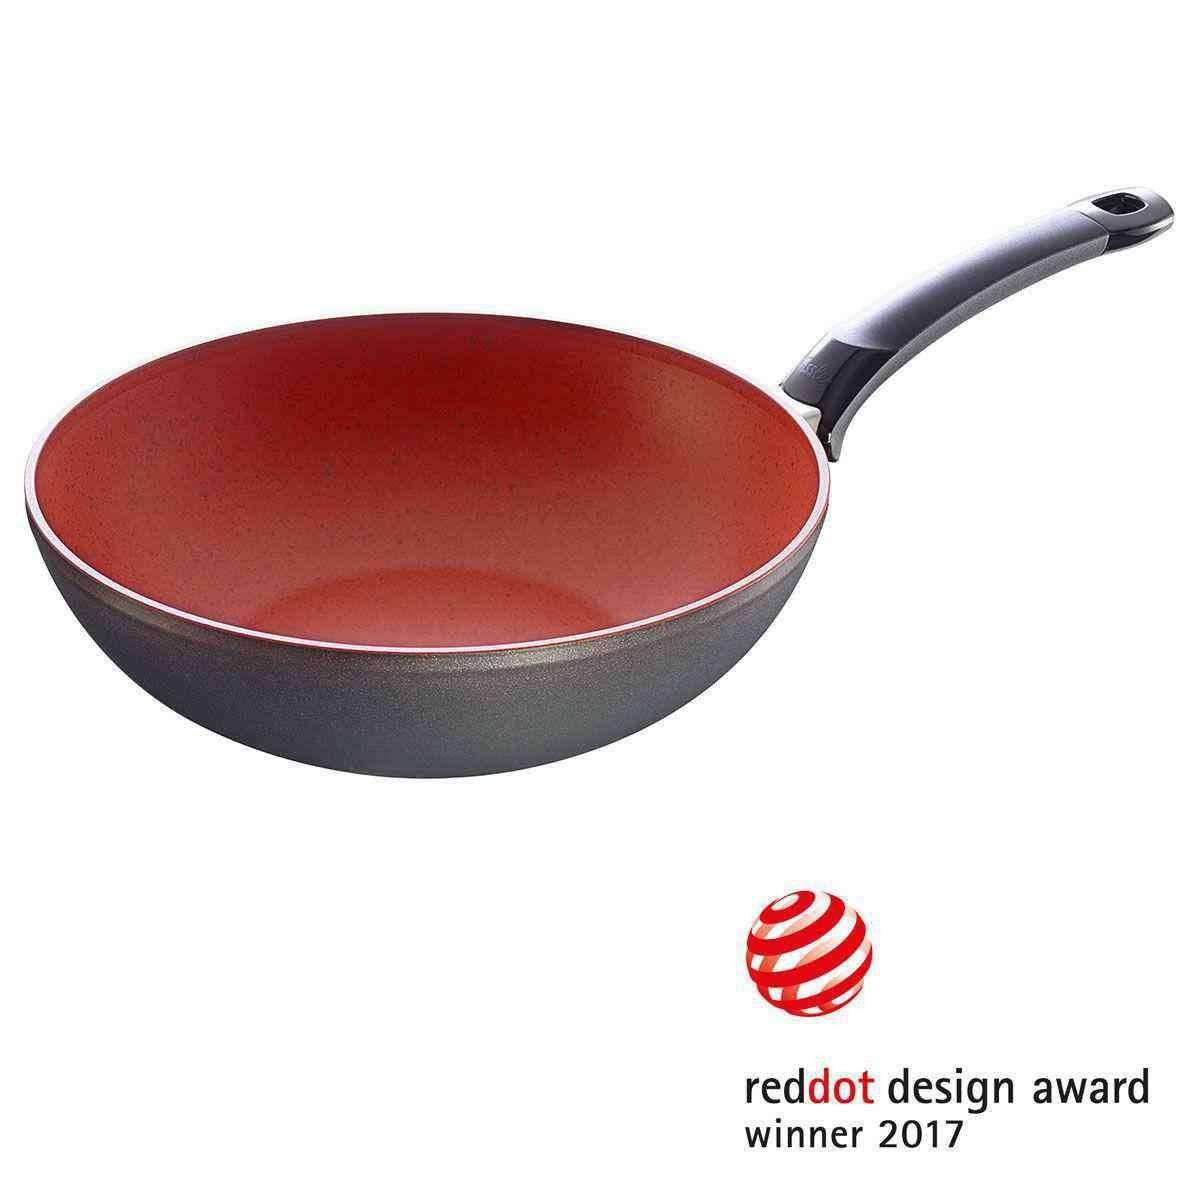 Fissler Wok pánev s nepřilnavým povrchem Senso Red 28 cm -